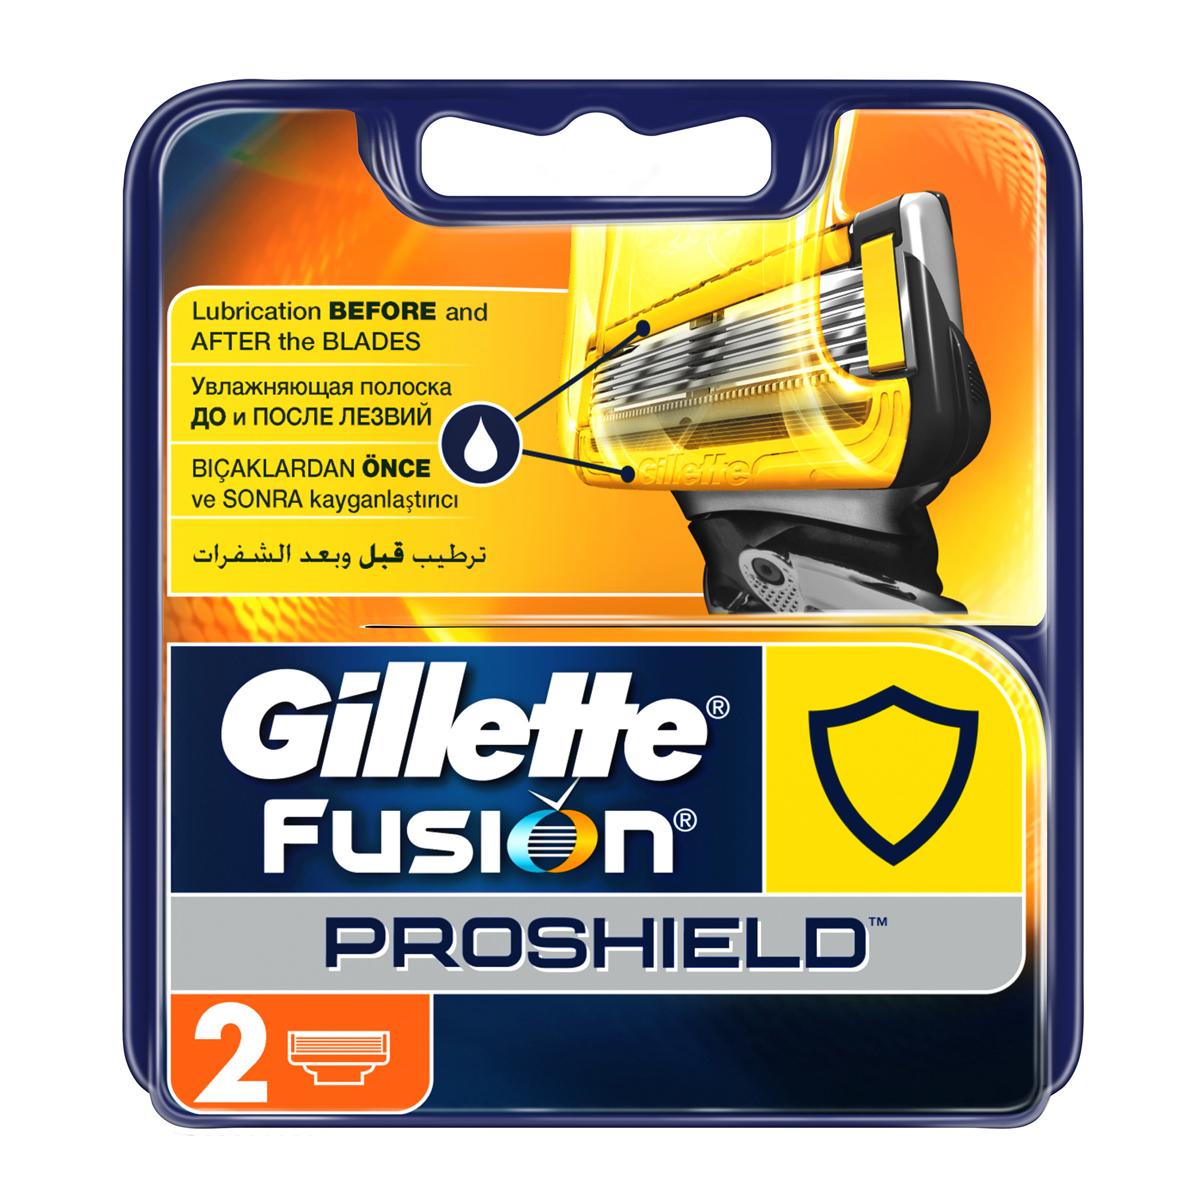 Gillette Сменные кассеты для мужской бритвы Fusion ProShield, 2 шт28032022Лезвия для мужской бритвы Gillette Fusion ProShield защищают во время бритья.Смазывающая полоска ProShield до и после бритья создает защитный слой, который снижает раздражение. Gillette Fusion ProShield— наиболее усовершенствованная бритва Gillette. Ищите желтые лезвия и ручку.Смазывающая полоска Gillette Fusion ProShield до и после бритья защищает от раздраженияПять точных лезвий сбривают волосы без усилий и с меньшим трением*, гарантируя максимальный комфорт (*в сравнении с Fusion)Точное лезвие-триммер на обратной стороне кассеты для придания более четкого контура2 сменные кассетыЛезвия подходят для всех ручек Fusion и ProGlide